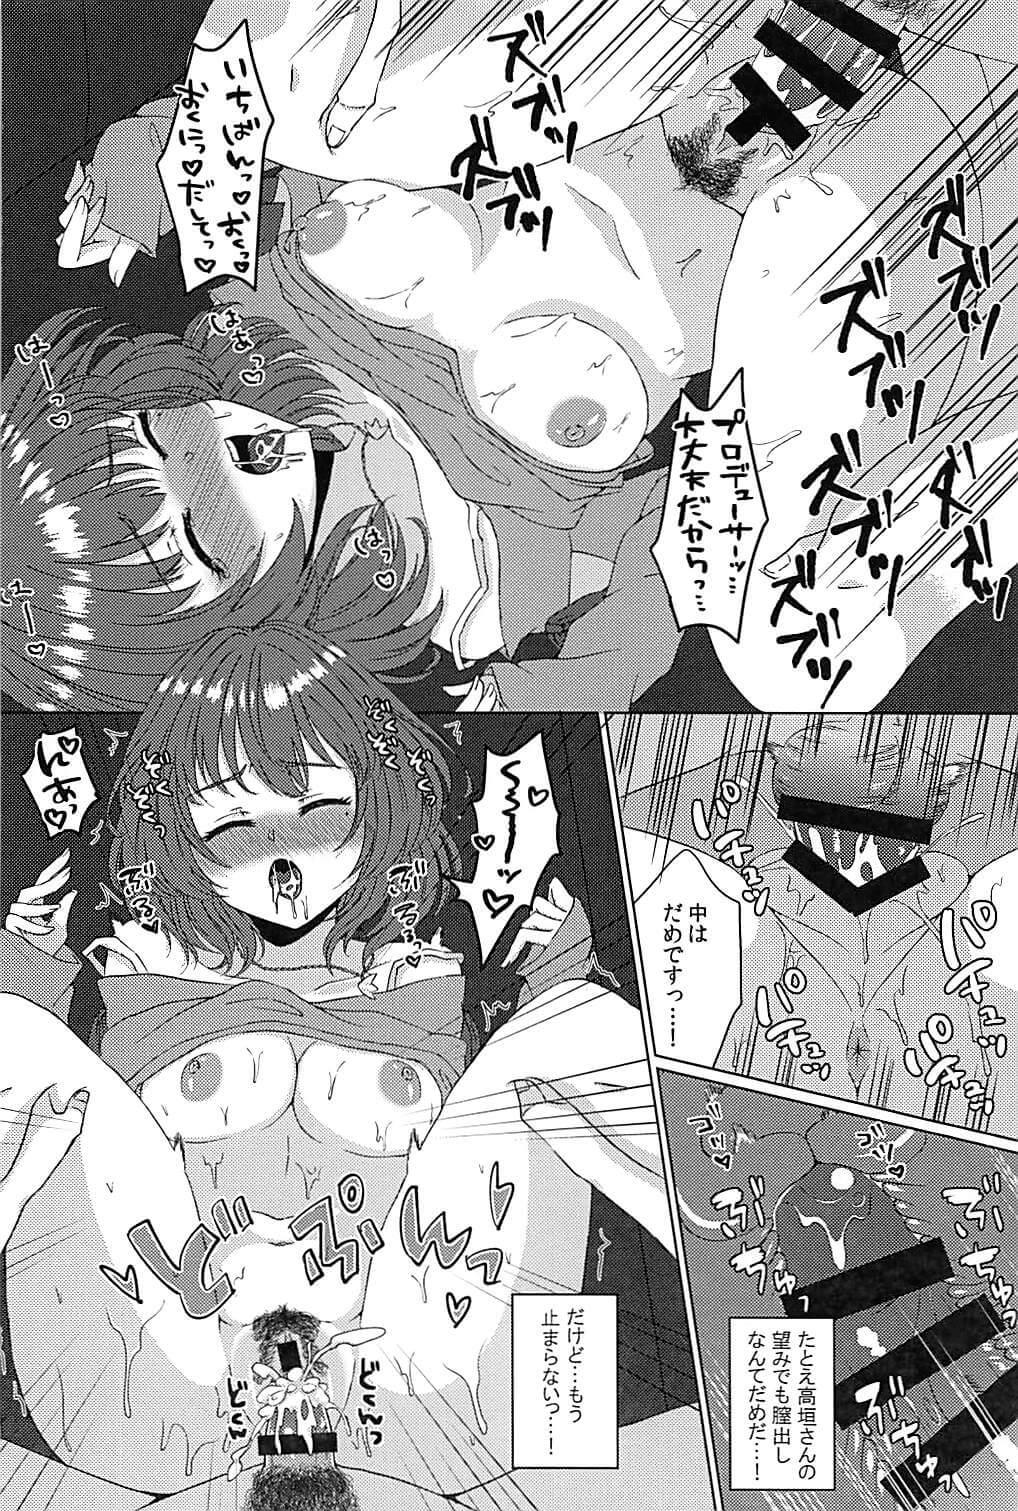 Koi kaze hentai